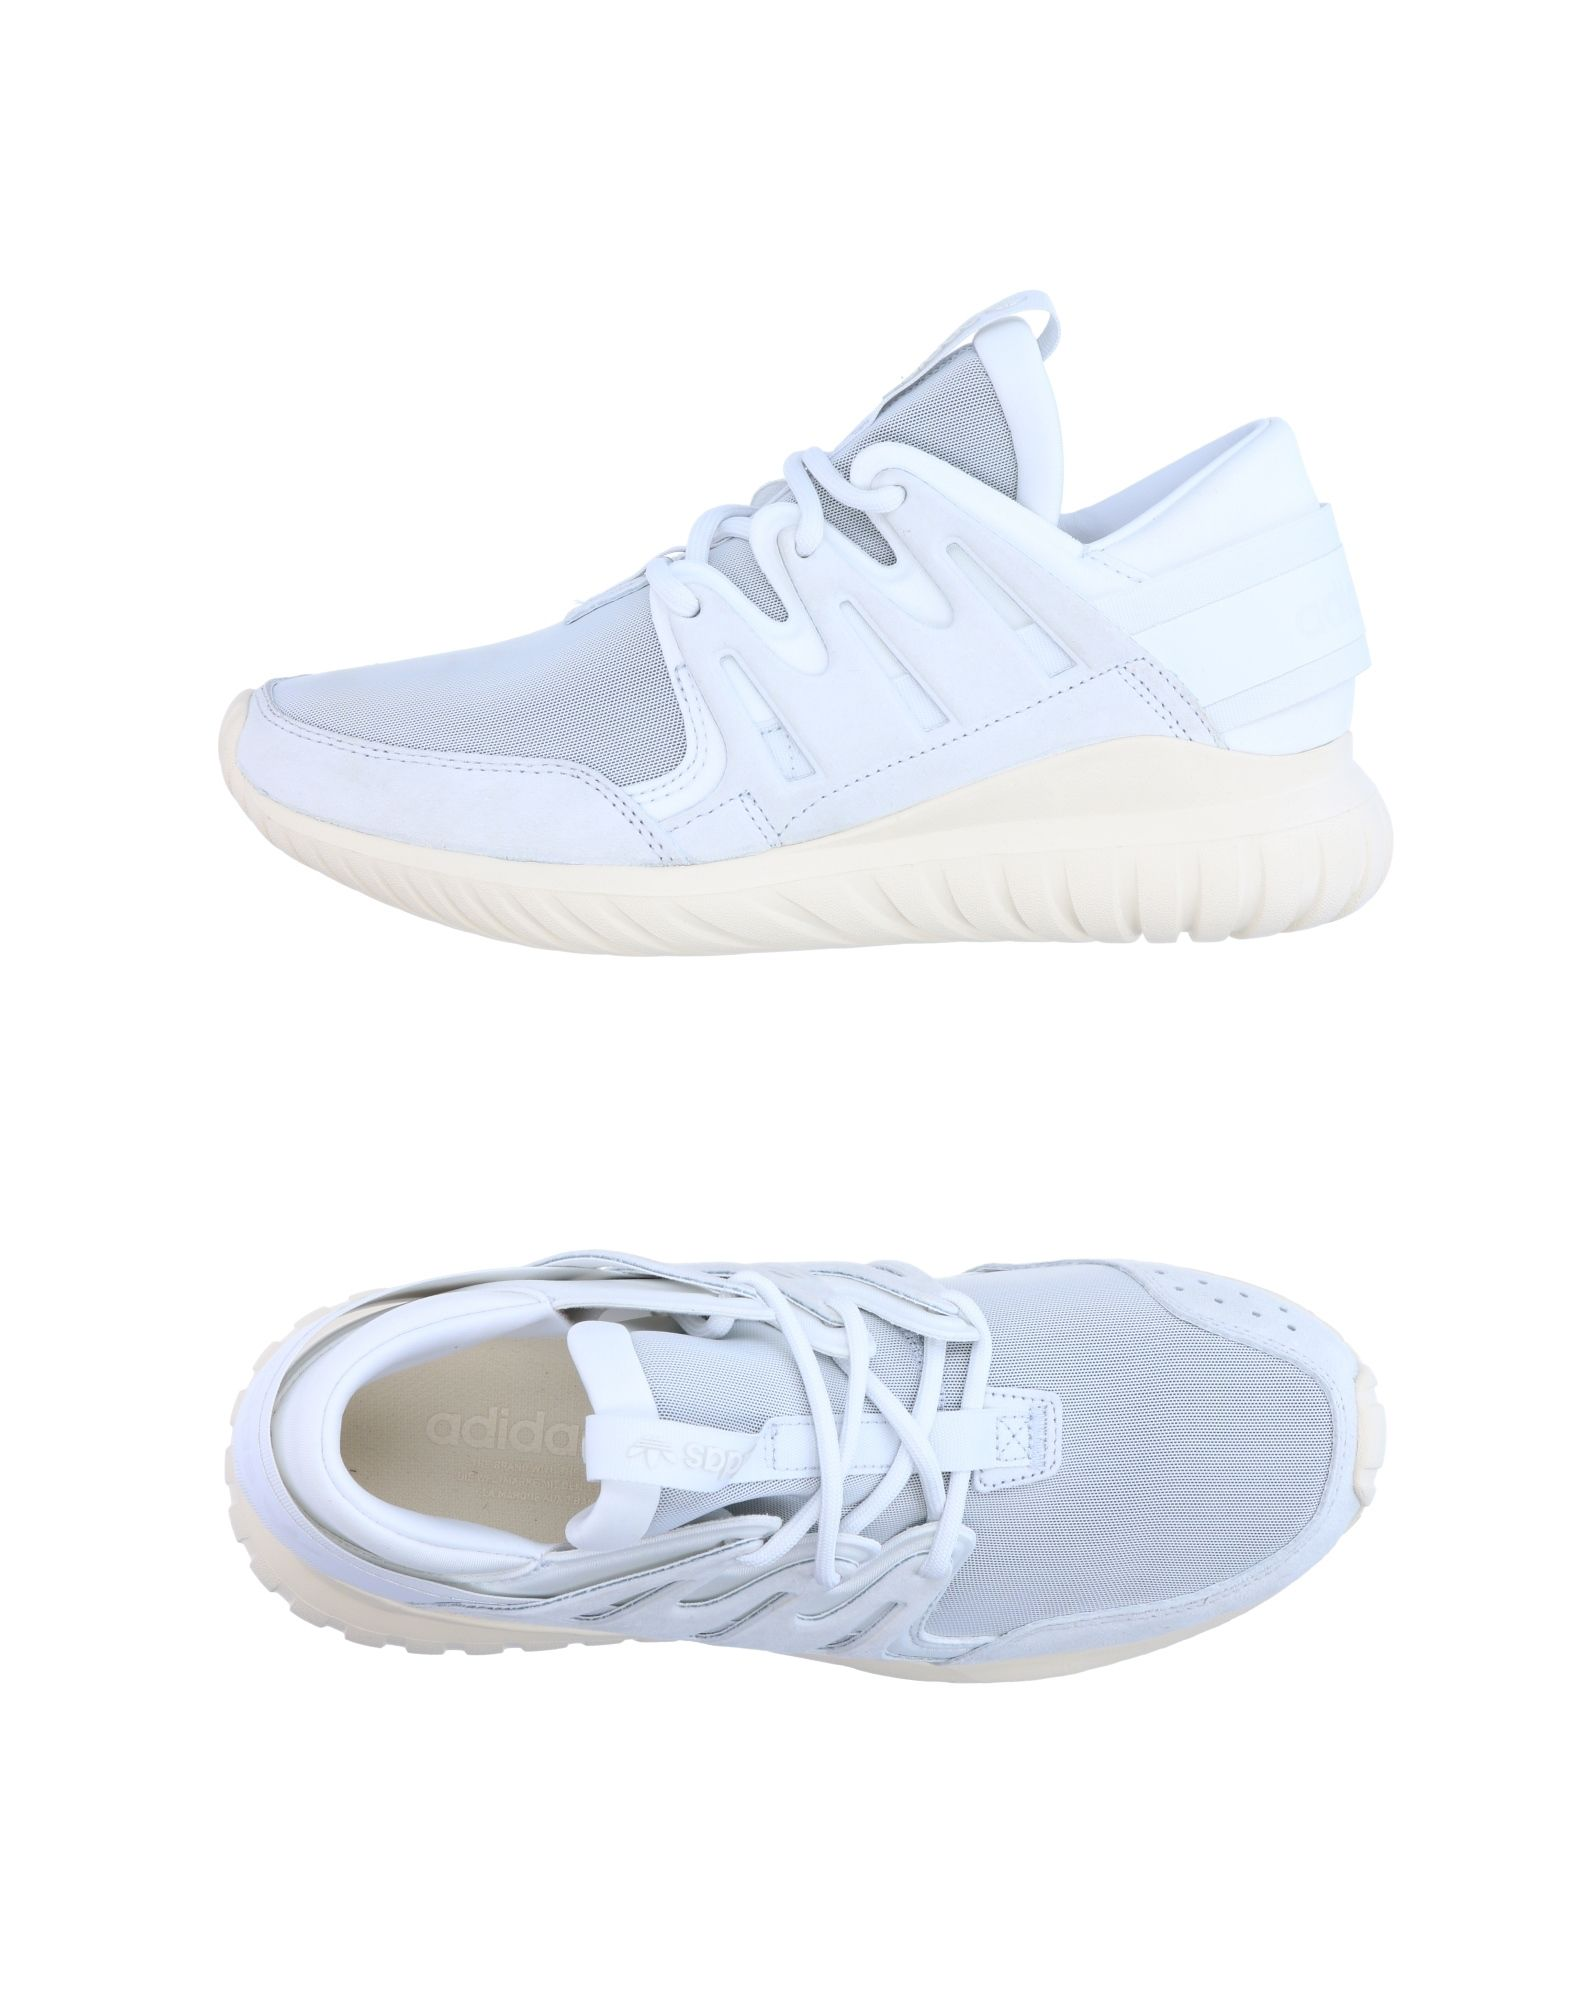 Rabatt echte Herren Schuhe Adidas Originals Sneakers Herren echte  11268664AC 1edf23